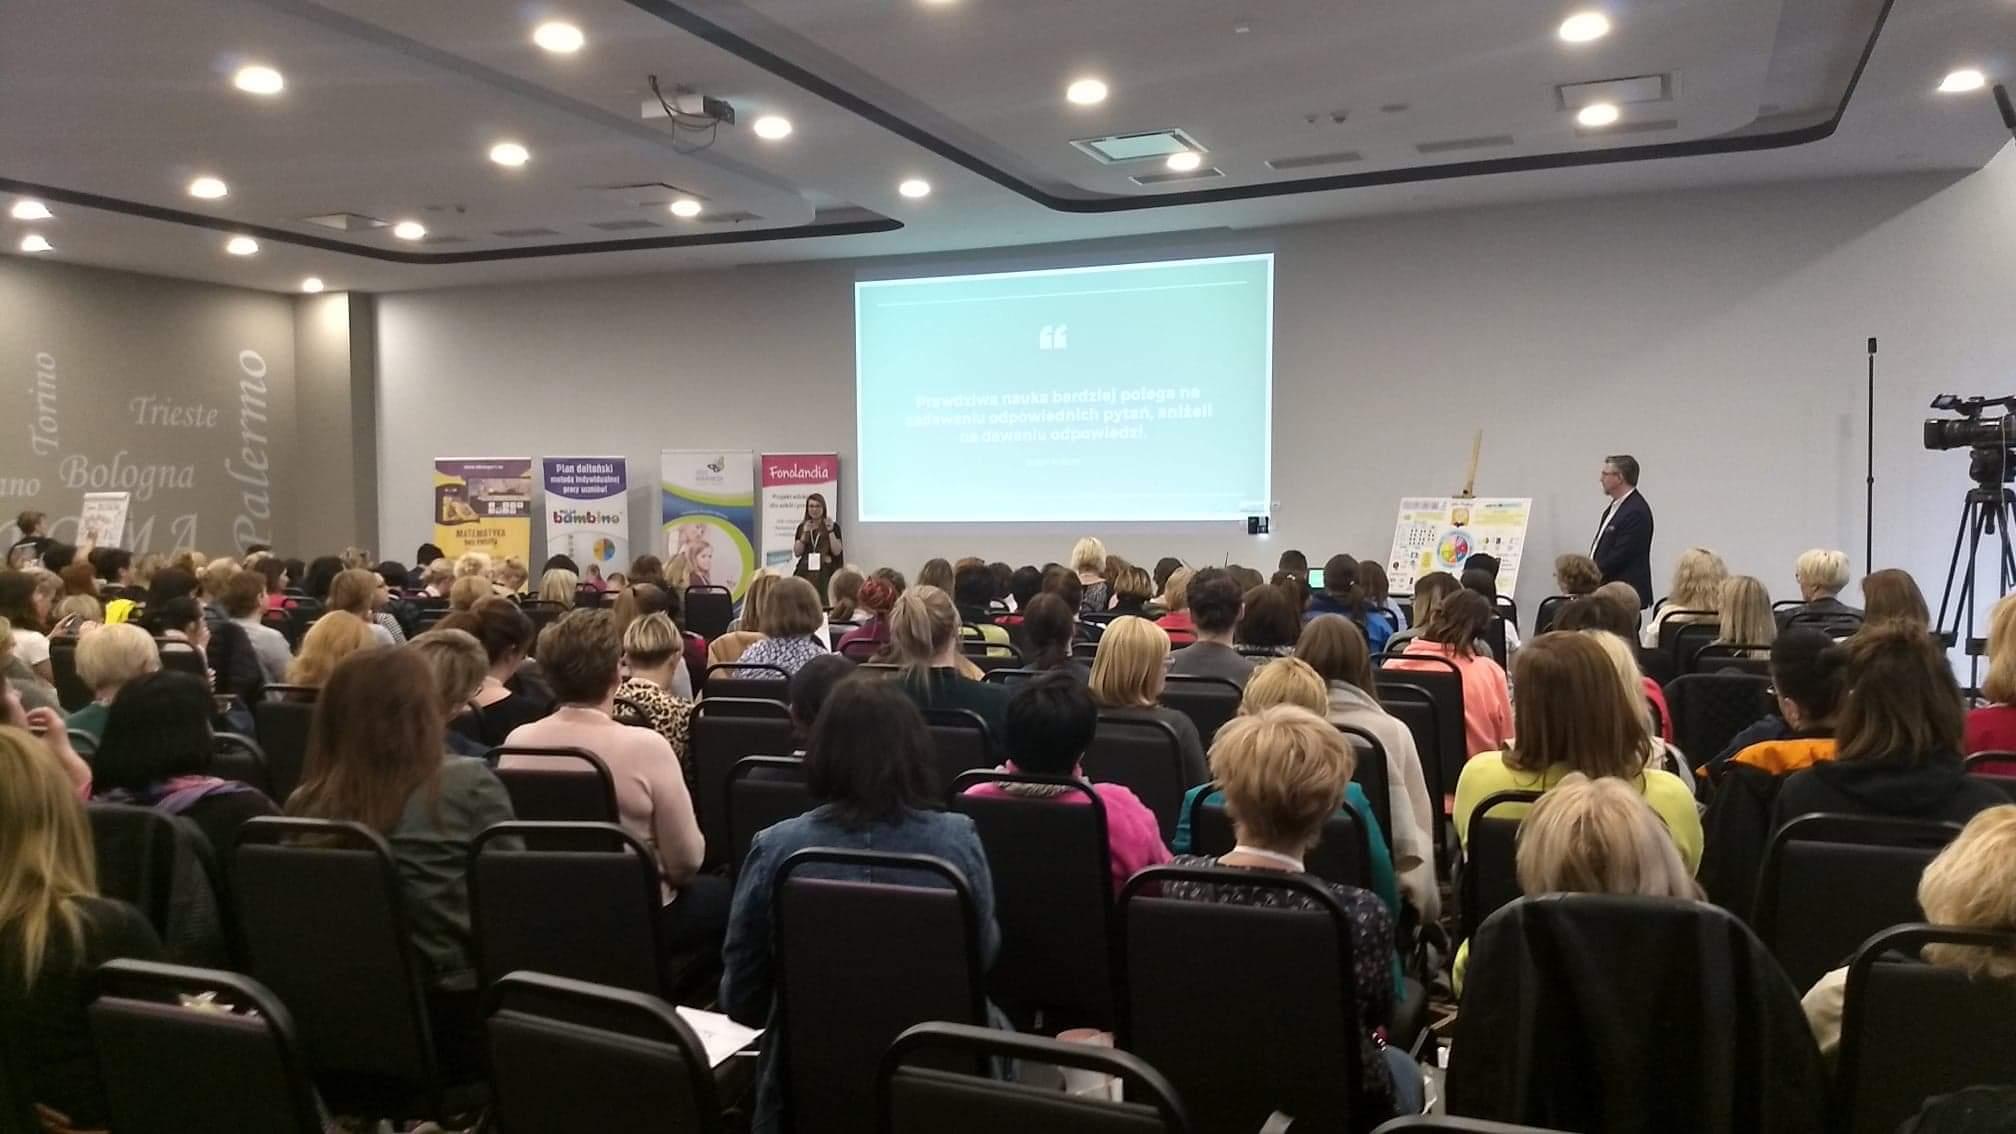 edukacja, konferencja edukacyjna, plan daltoński, podróże edukacyjne,